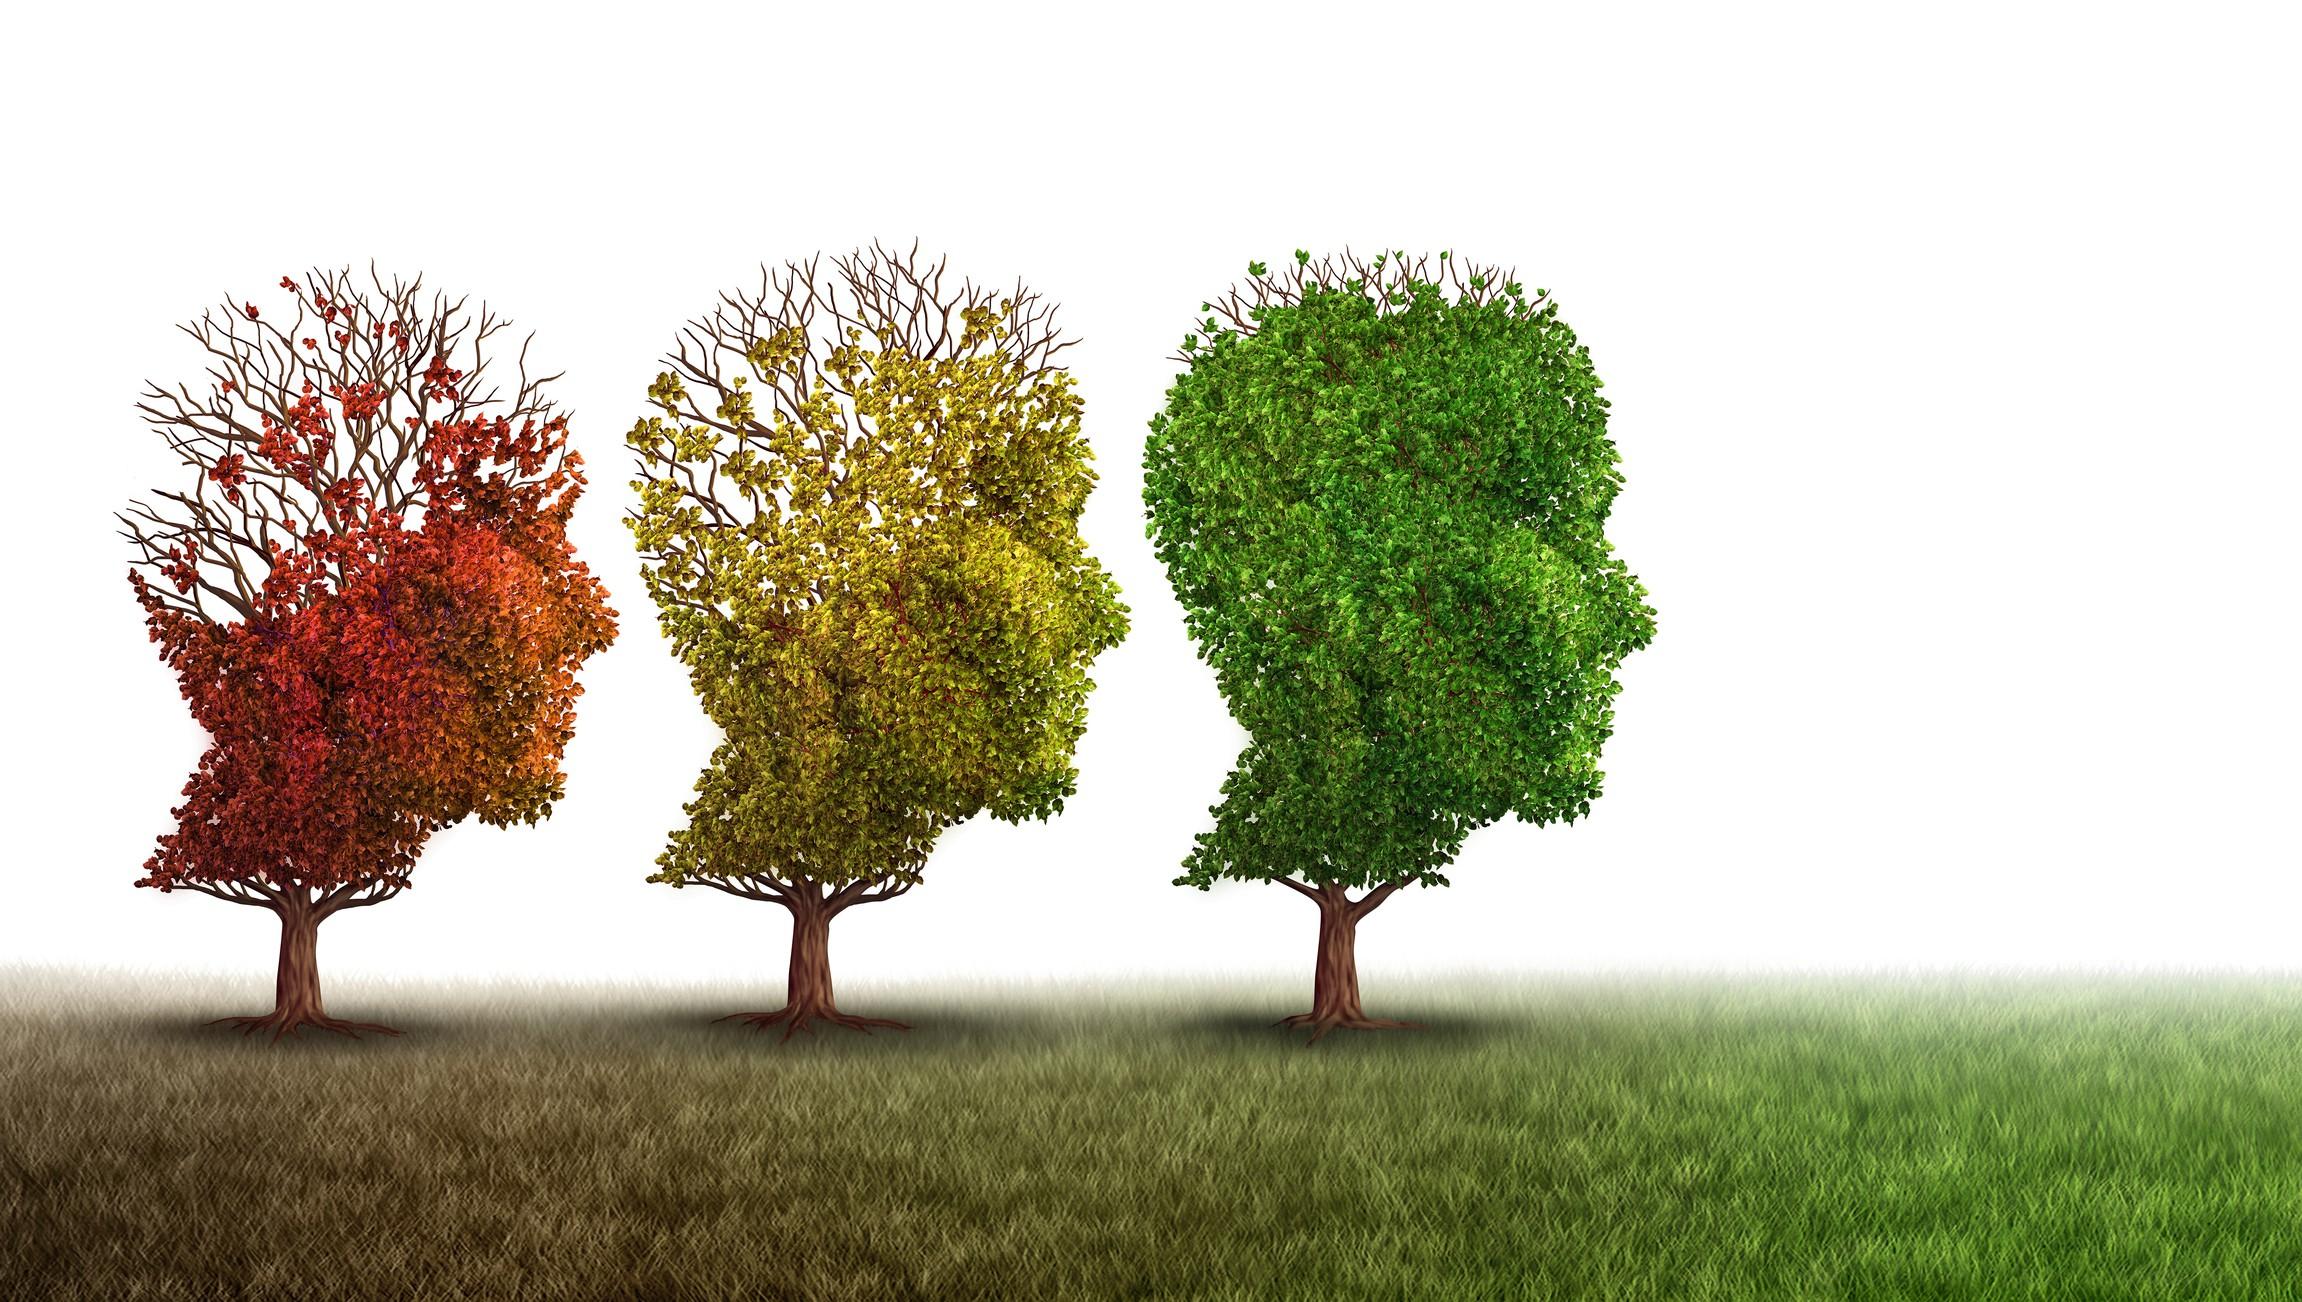 Een foto met 3 hoofden gevormd in een boom